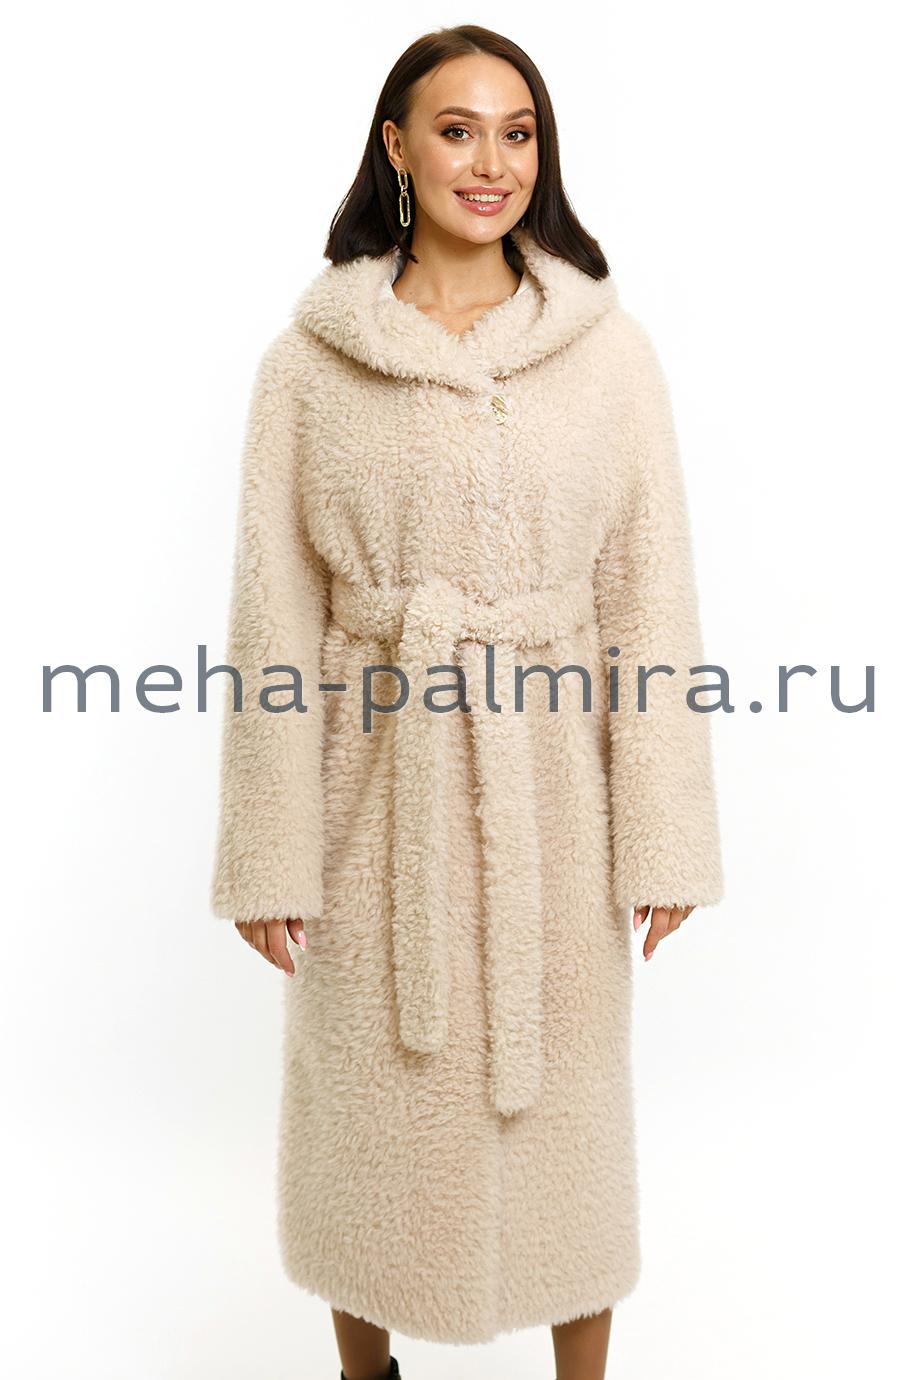 Длинное пальто из шерсти с капюшоном и поясом в бежевом цвете